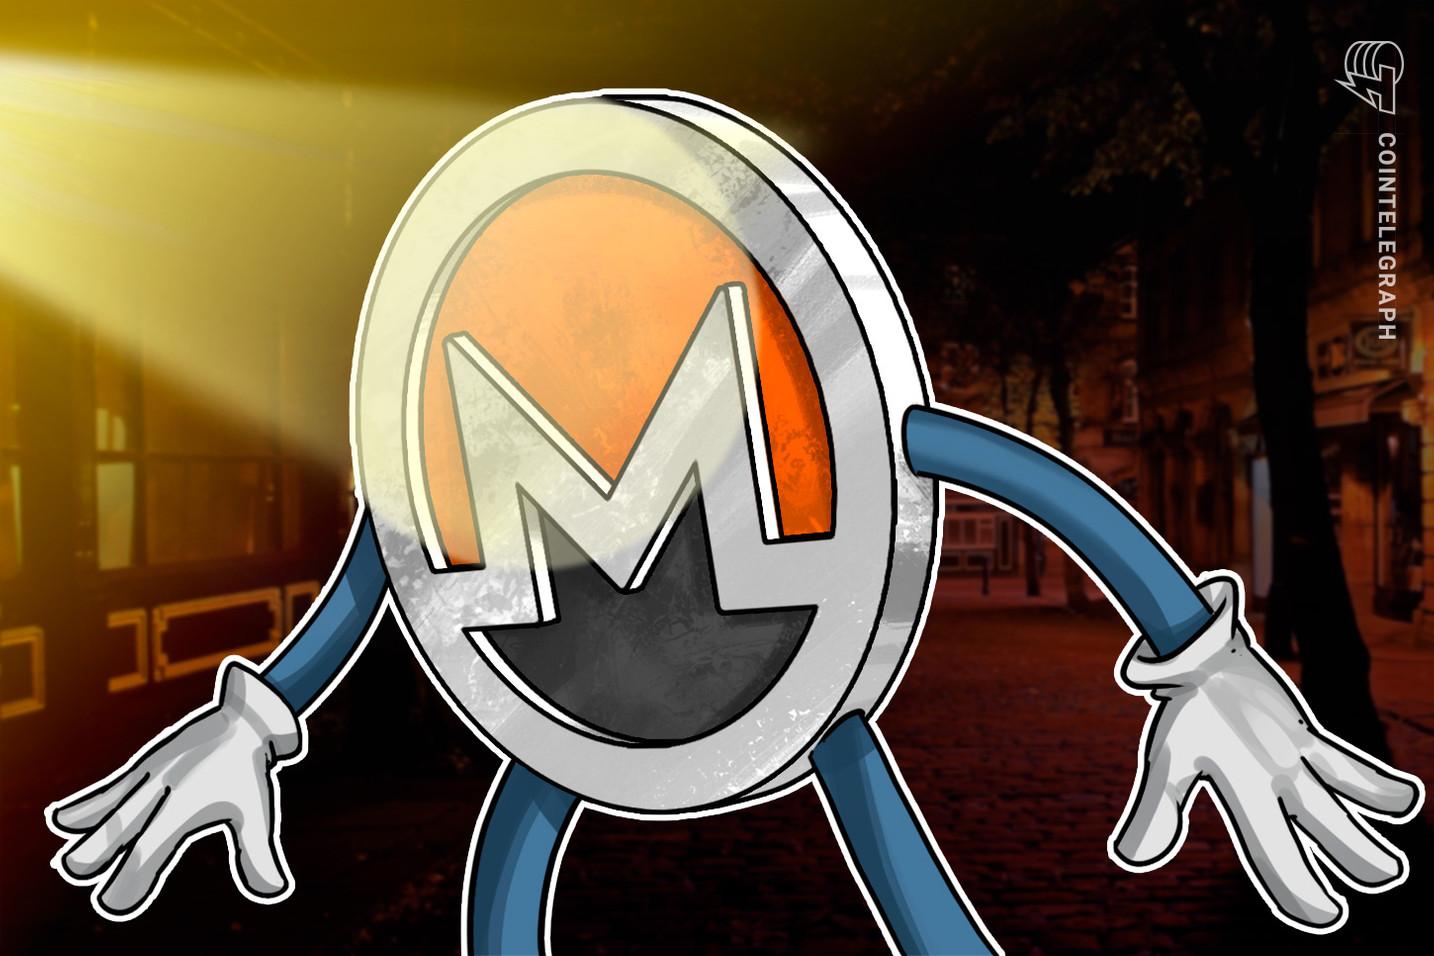 وسط مكافأة دائرة الإيرادت الداخلية وتقدم المنافسين، يقوم مطورو مونيرو بإصدار تحديث رئيسي